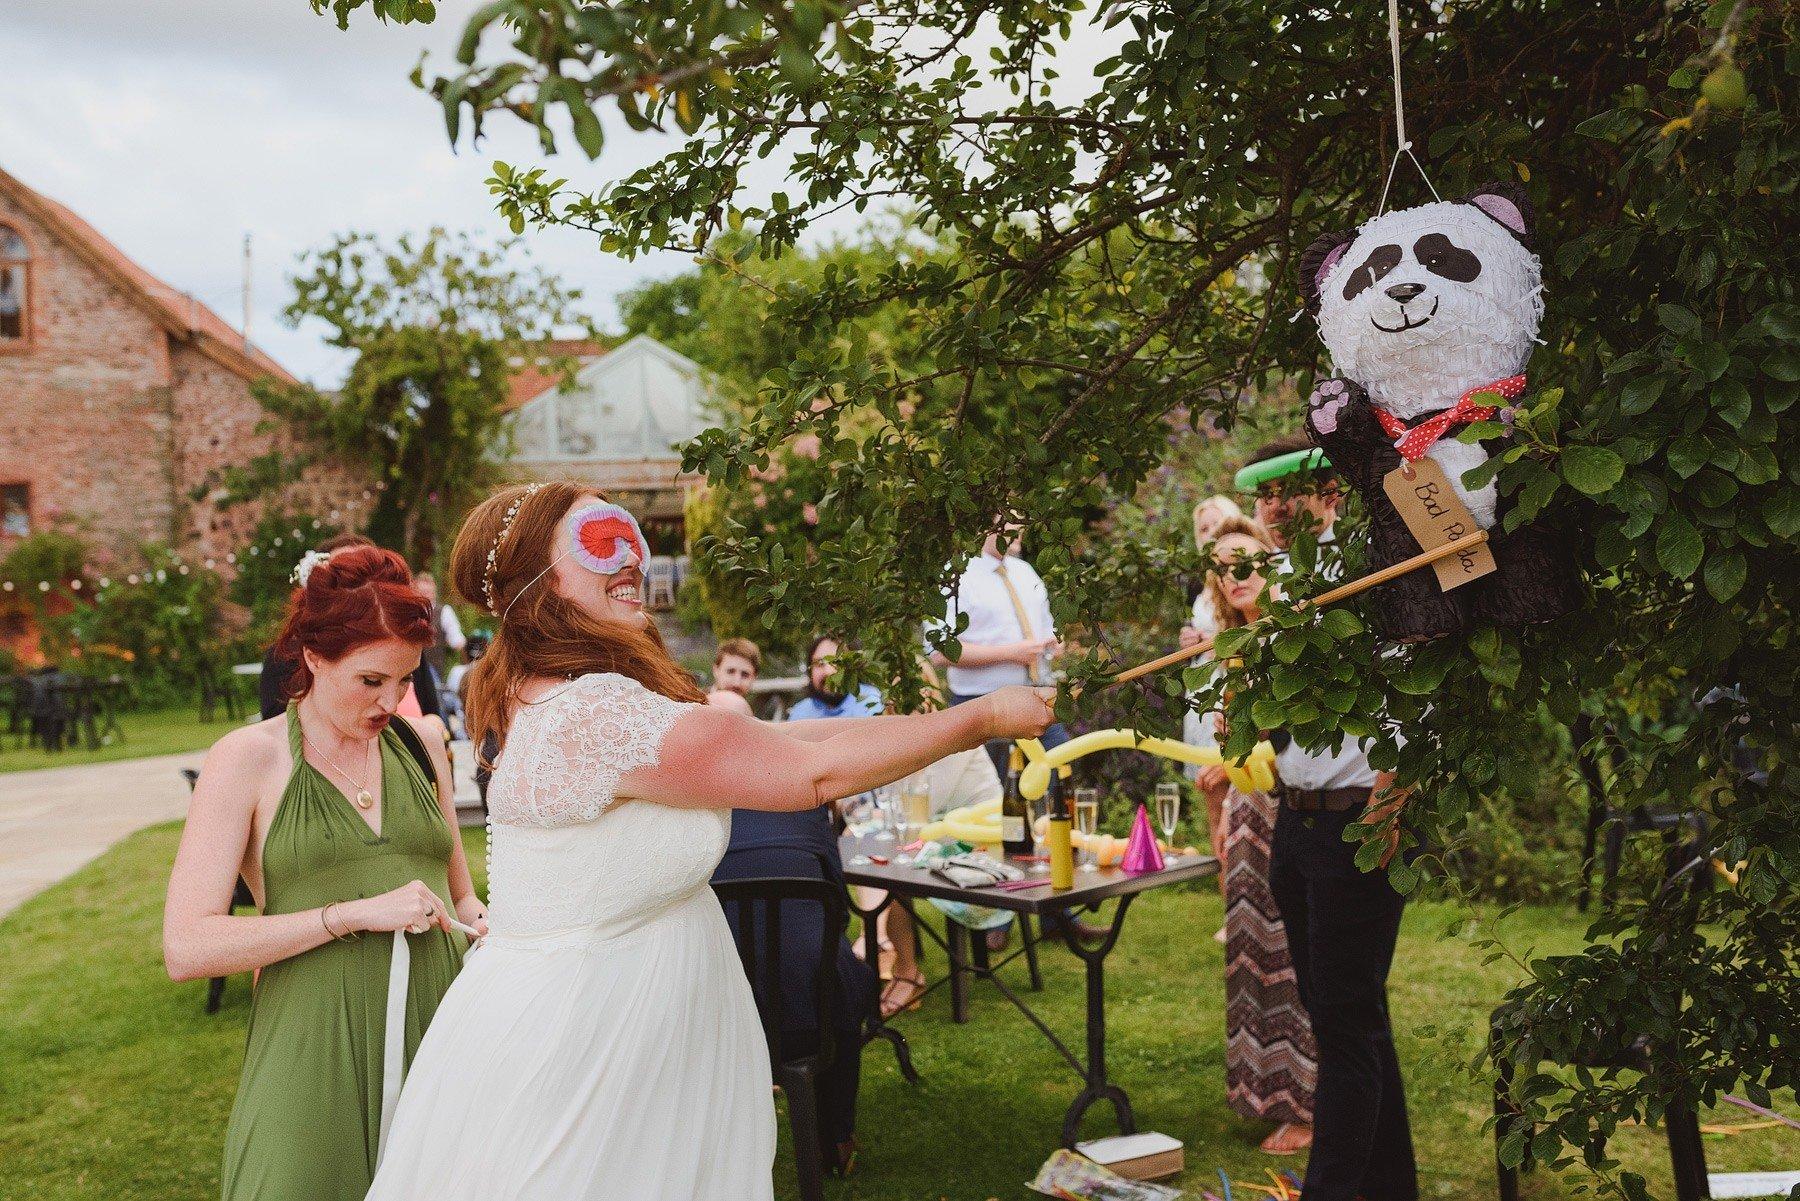 pinatas at weddings